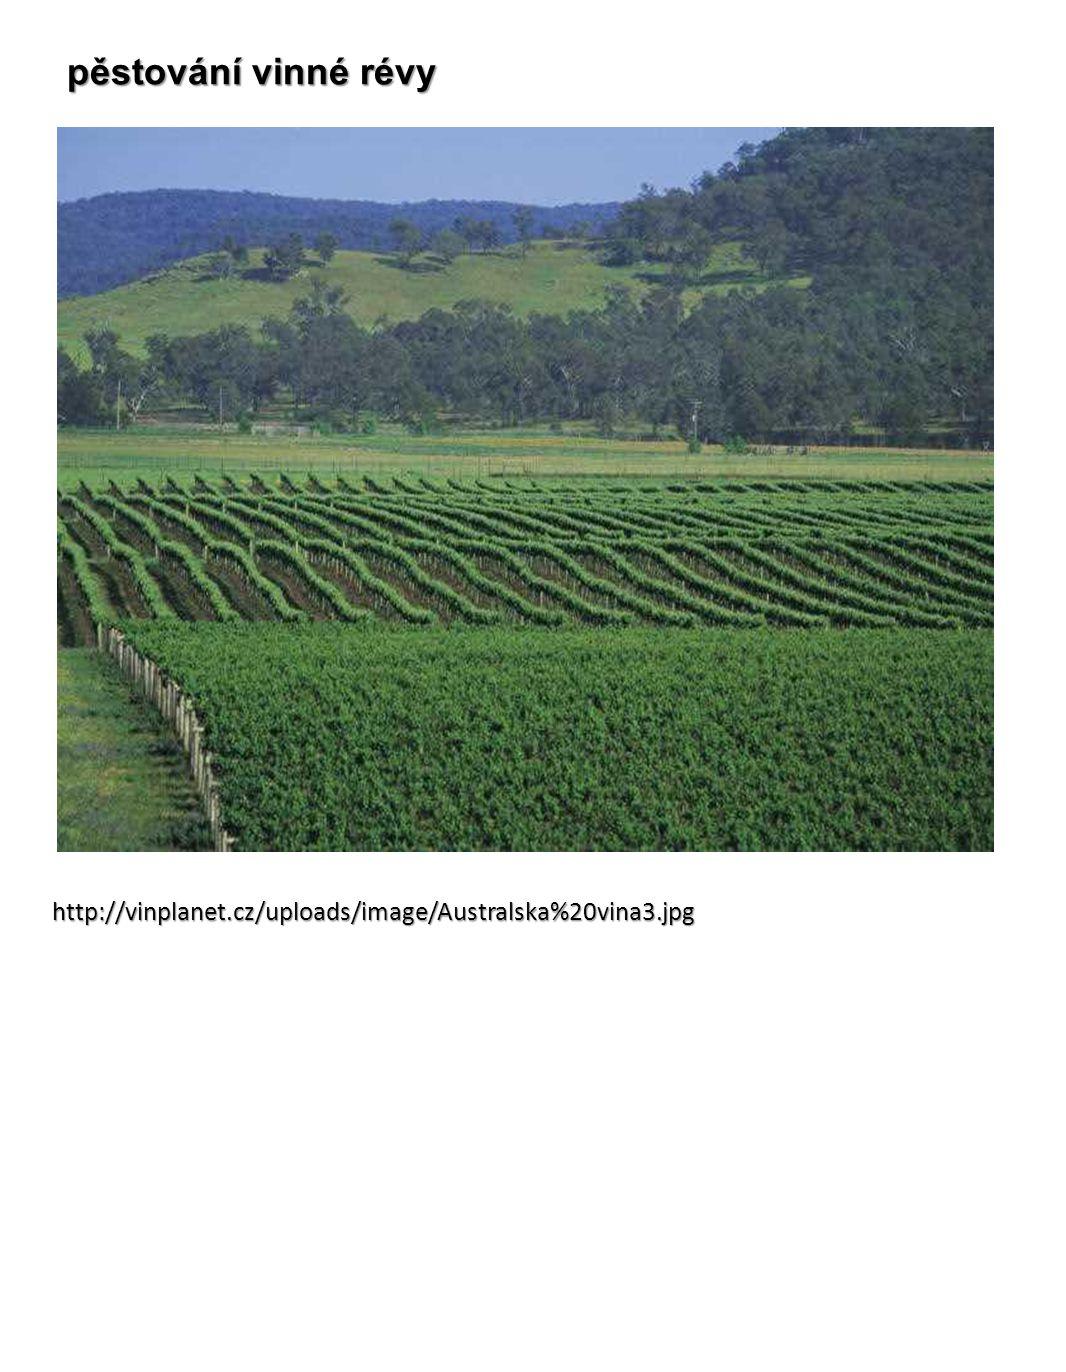 pěstování vinné révy http://vinplanet.cz/uploads/image/Australska%20vina3.jpg